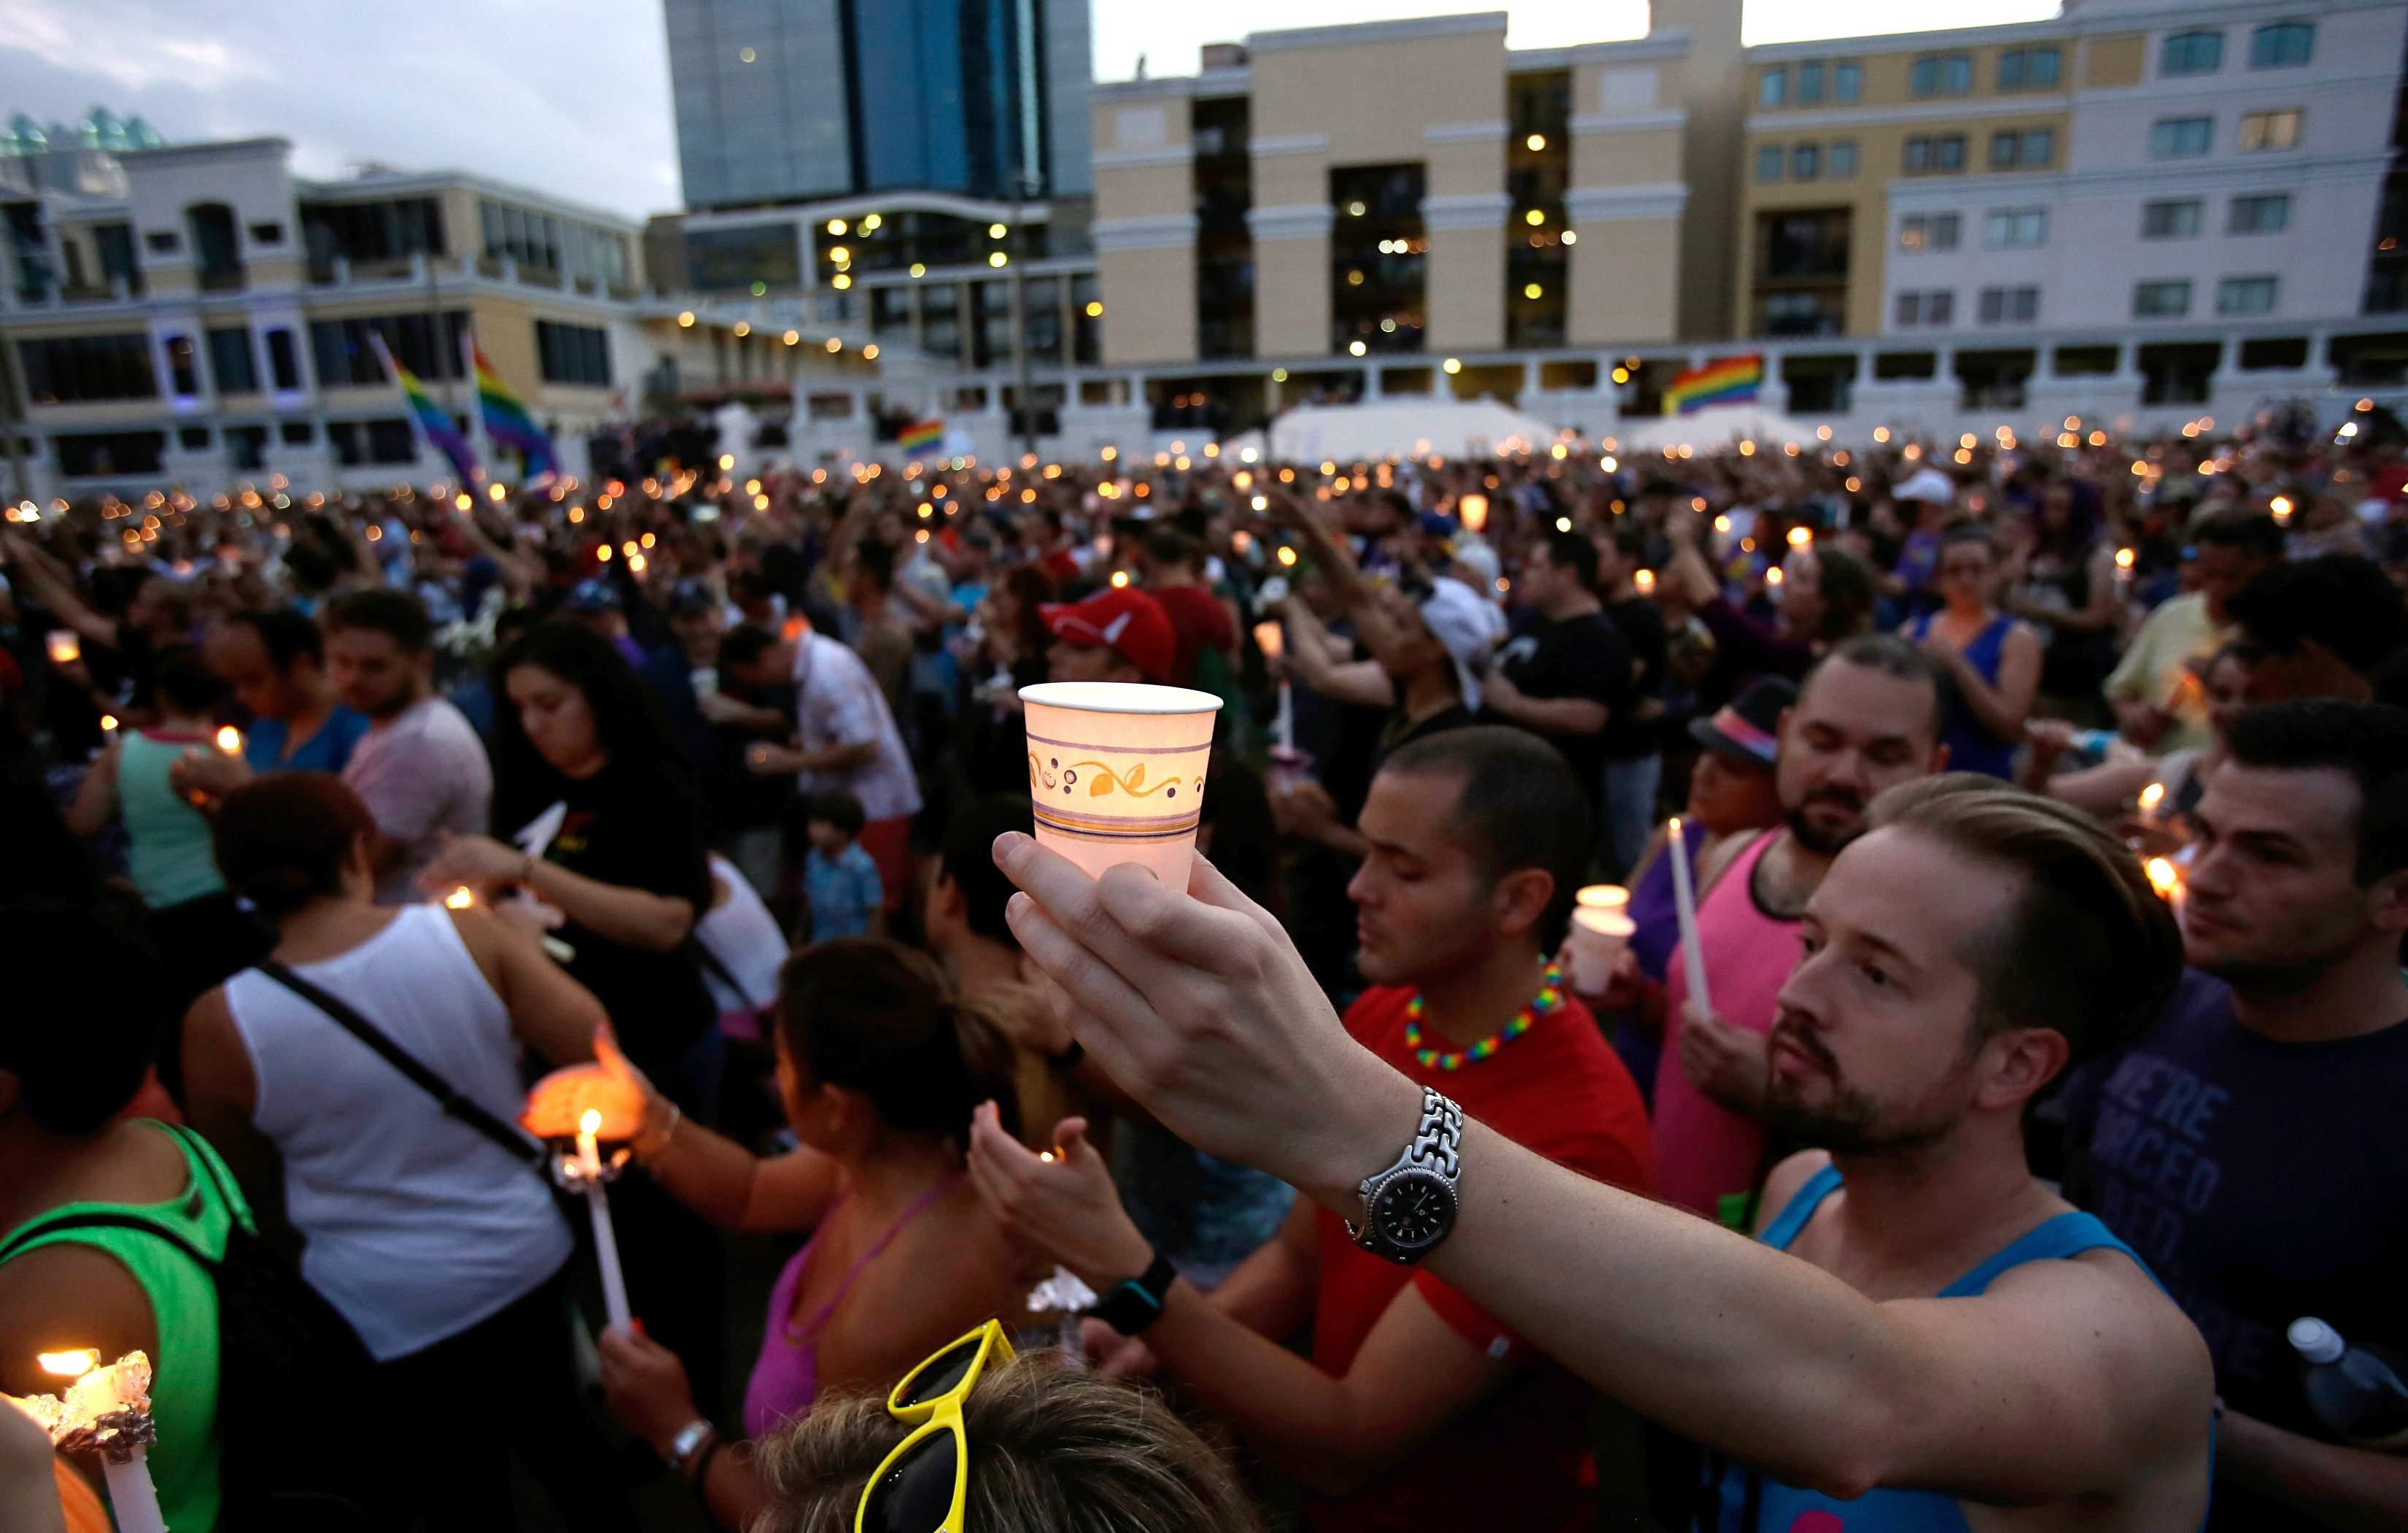 Un Obispo de EE.UU. CULPA A LOS CATÓLICOS de la Matanza de Orlando [realizada por un islamista]